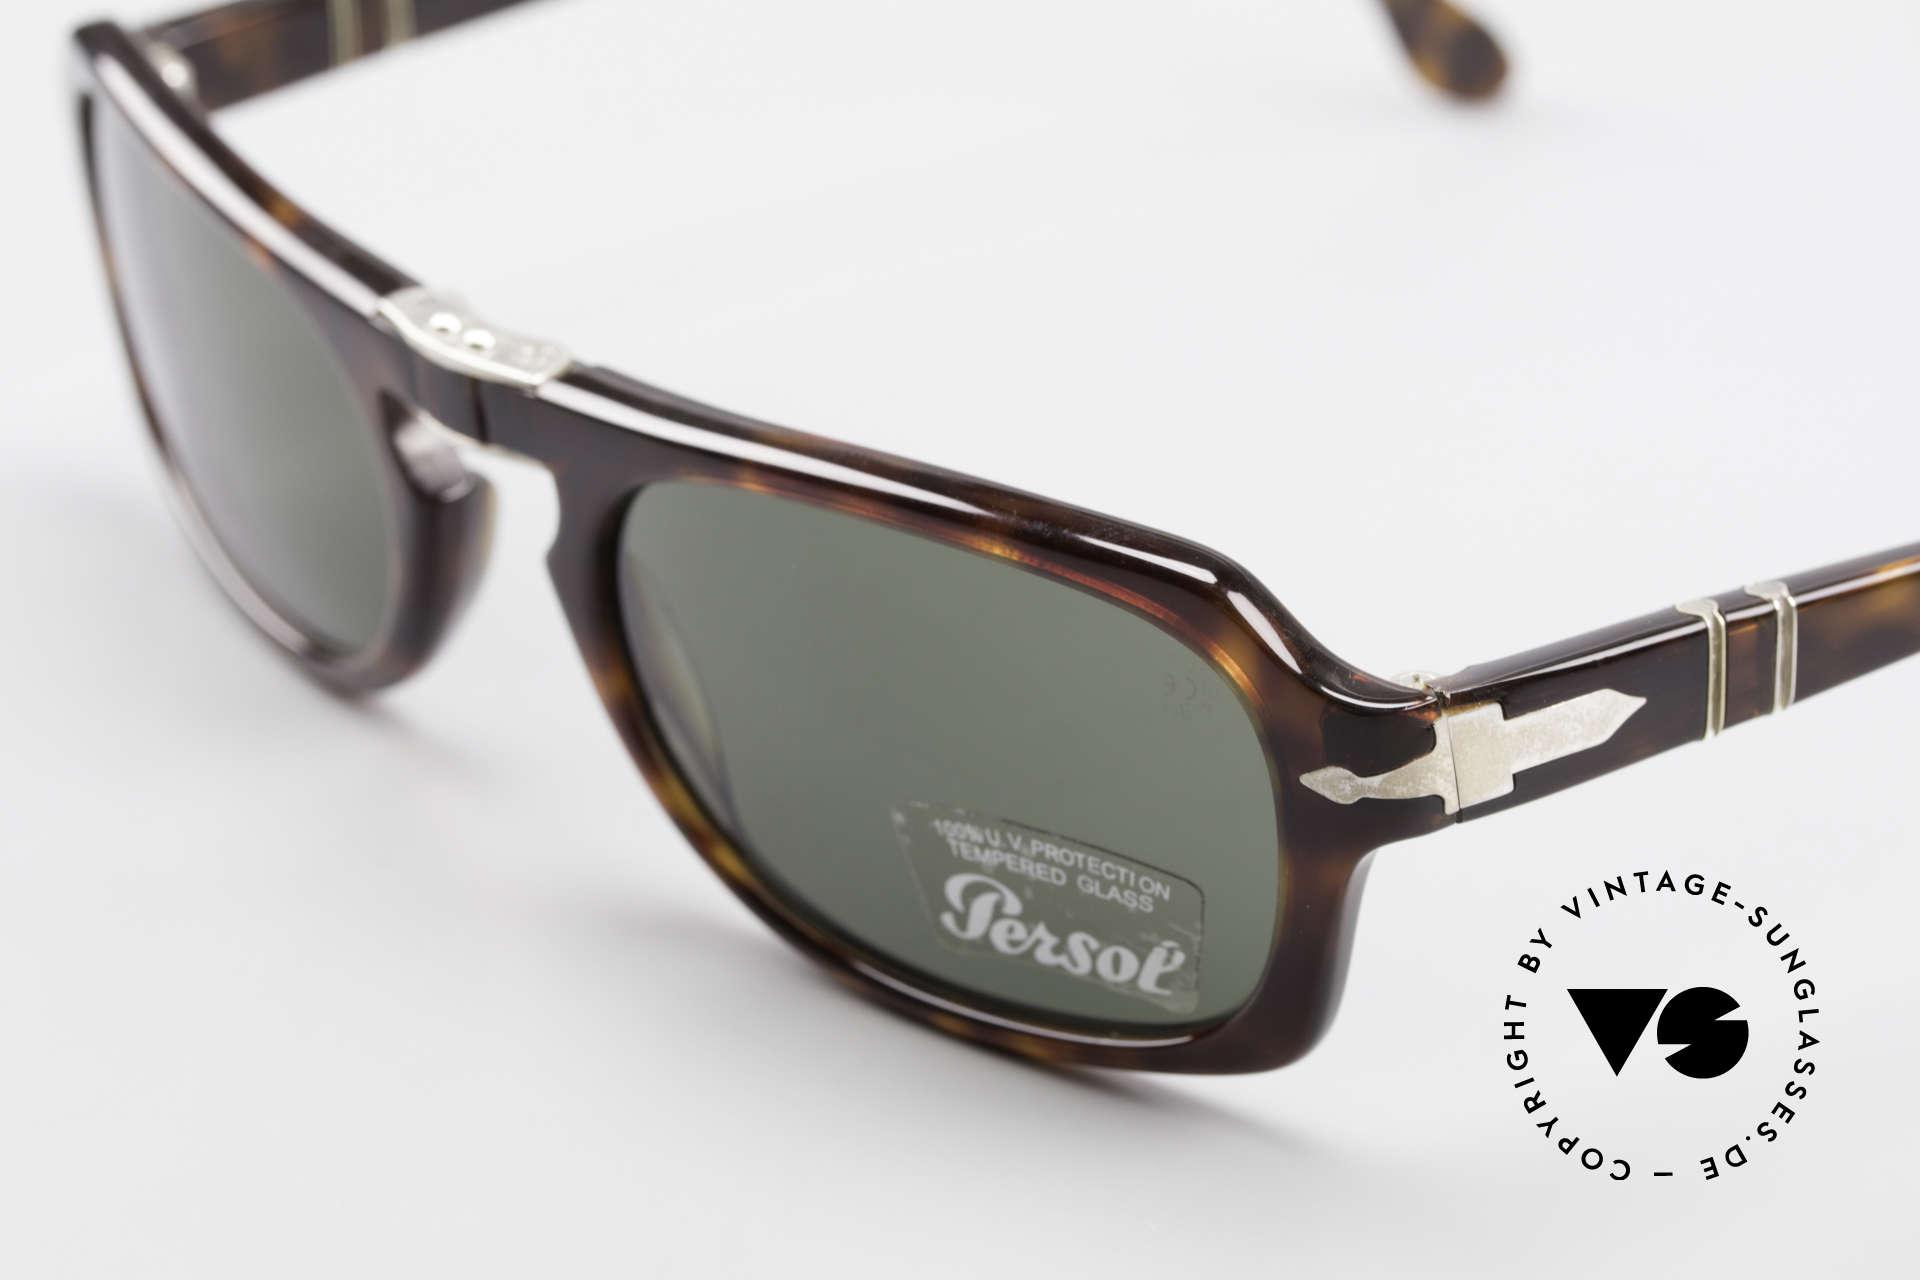 Persol 2621 Folding Faltbare Sonnenbrille Herren, diese Reproduktion ist einfach gut gemacht und zeitlos, Passend für Herren